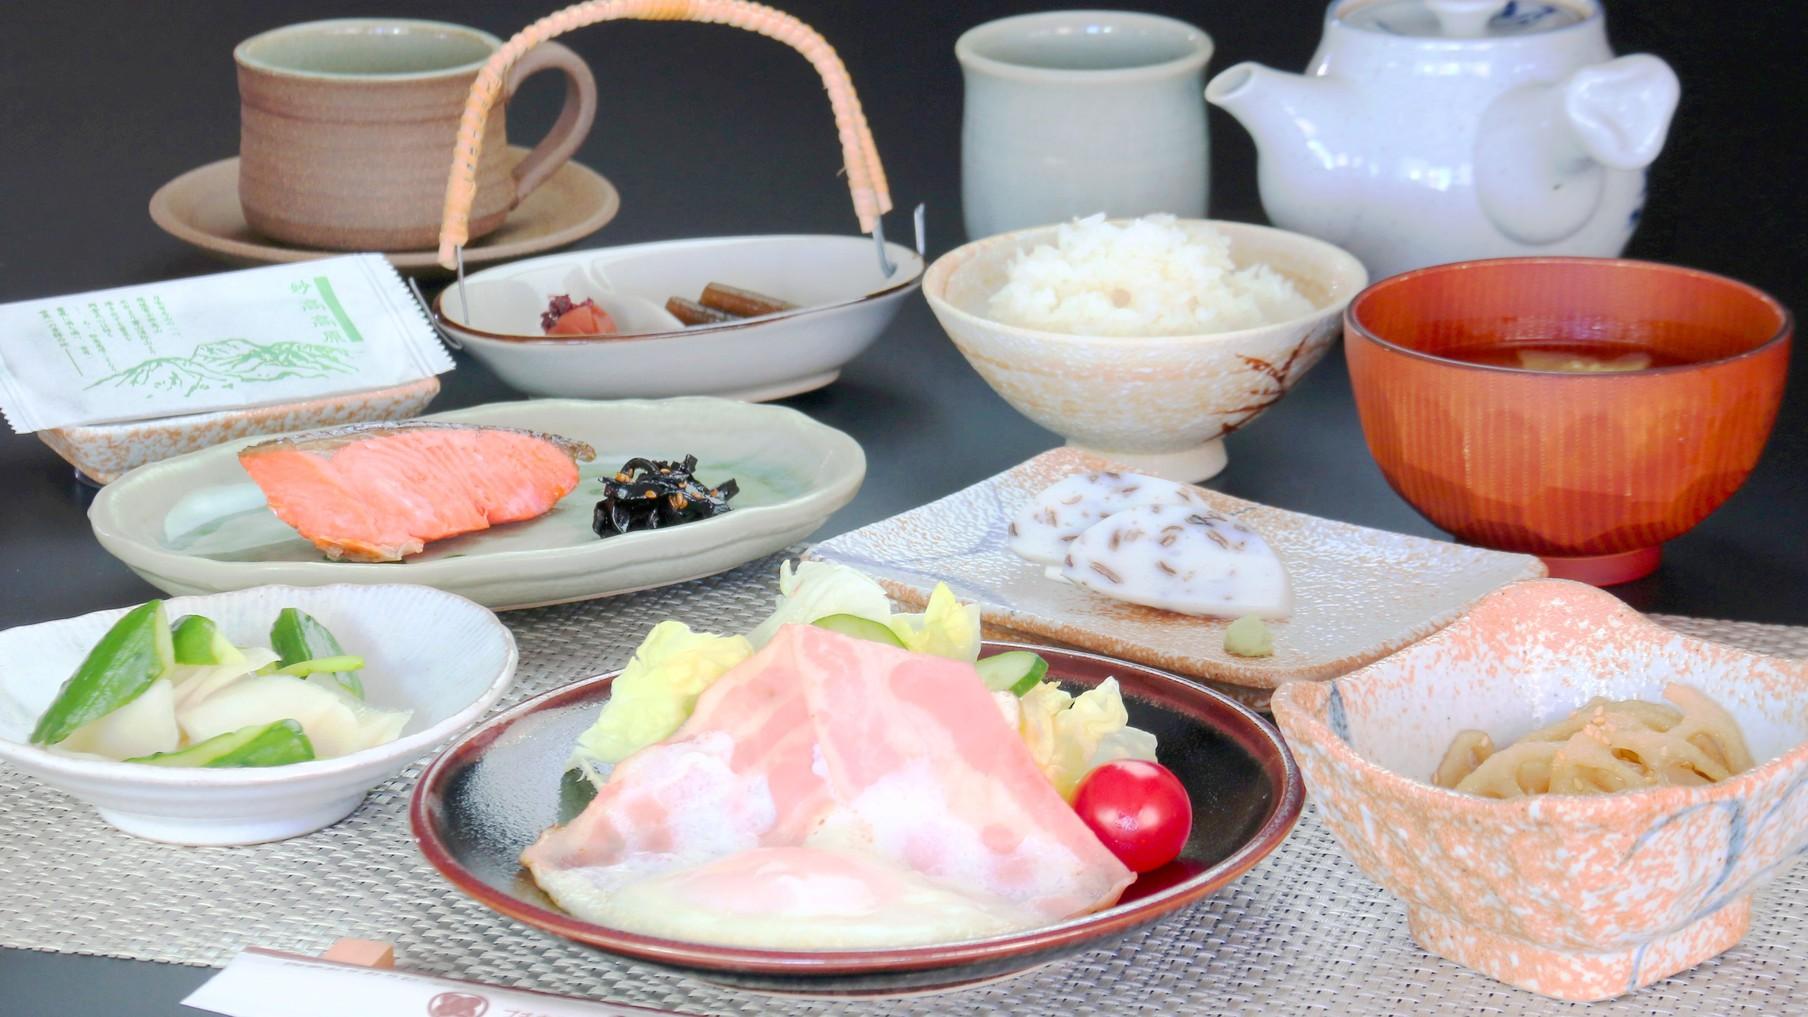 食事◆朝食の一例。新潟のおいしいお米と色とりどりの山海の幸。ごはんがすすむ和朝食です。